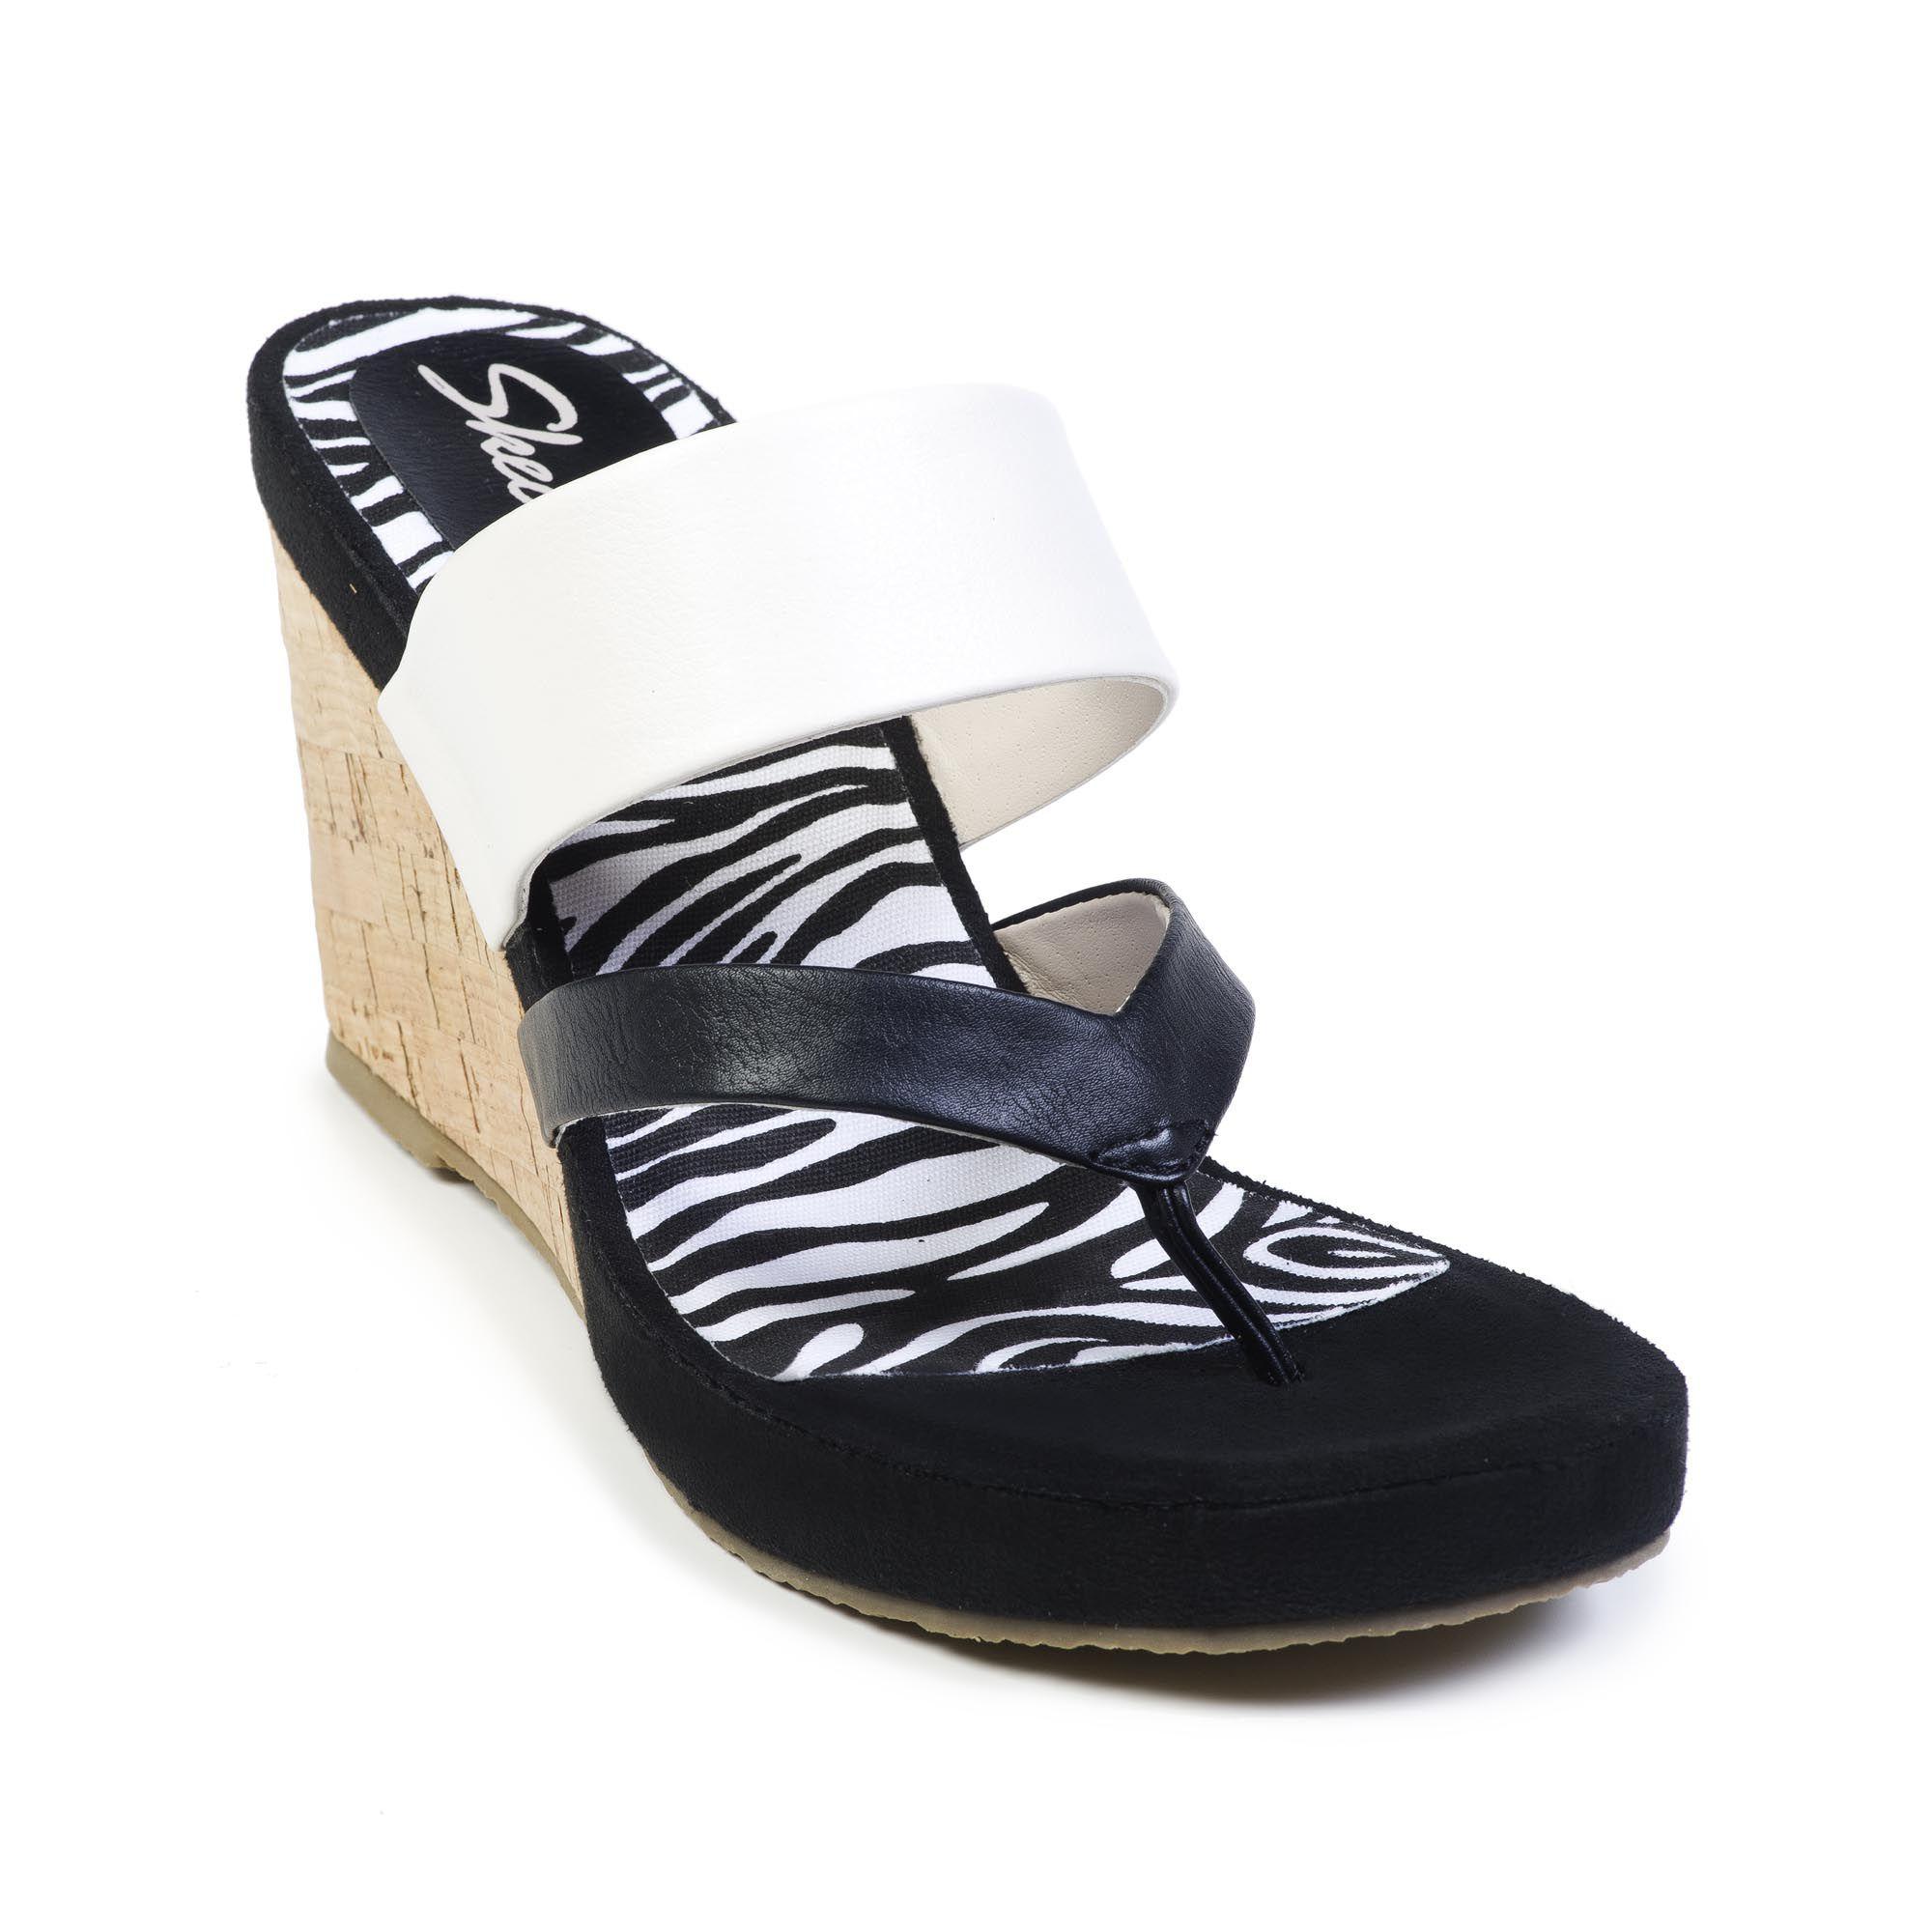 Sandalo infradito Cali Modiste con zeppa in sughero